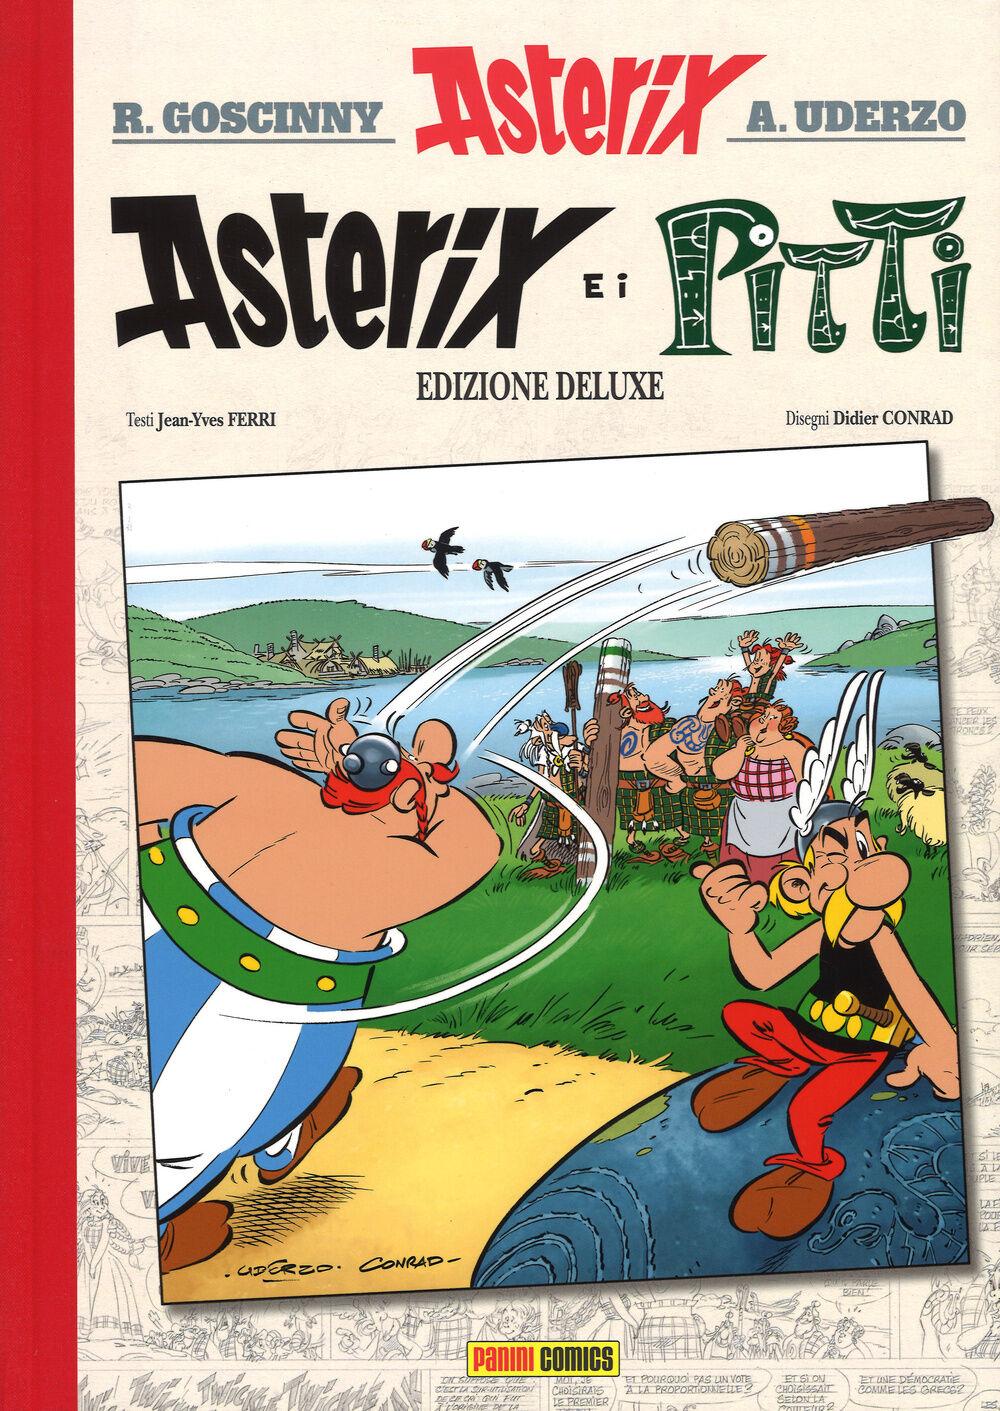 Risultati immagini per panini comics asterix ferri conrad